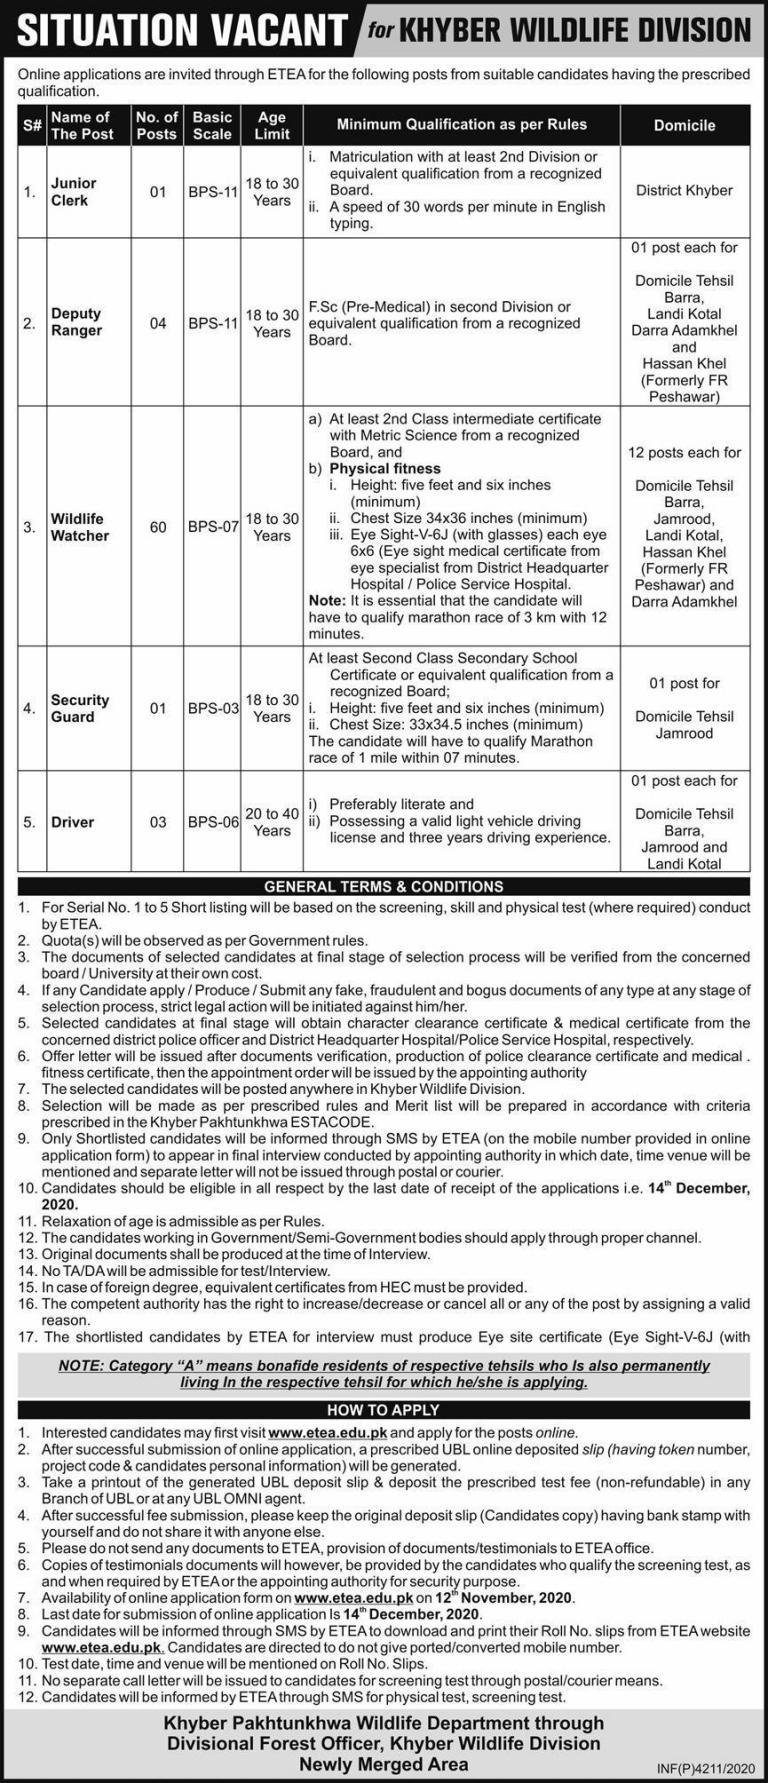 Khyber Pakhtunkhwa Wildlife Department ETEA Jobs November 2020